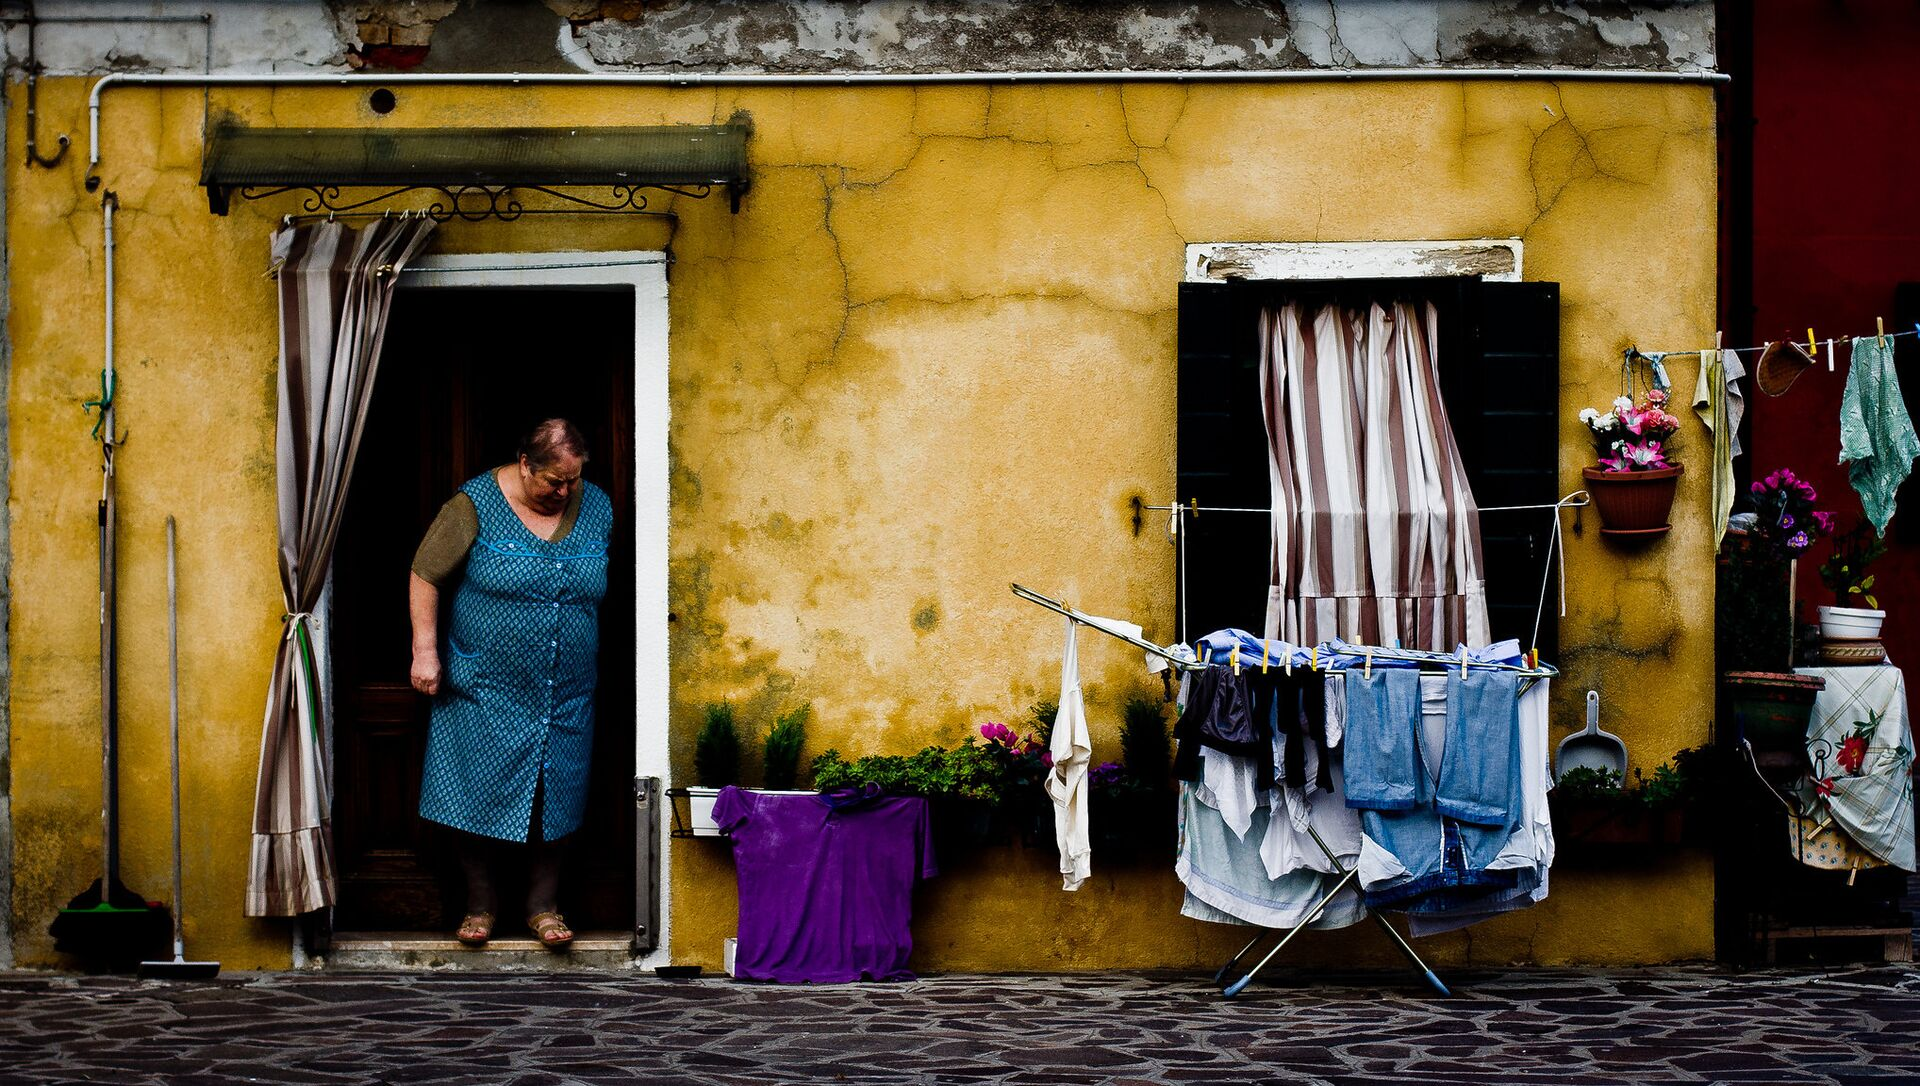 L'80% dei giovani italiani vivono con i loro genitori - Sputnik Italia, 1920, 02.05.2021